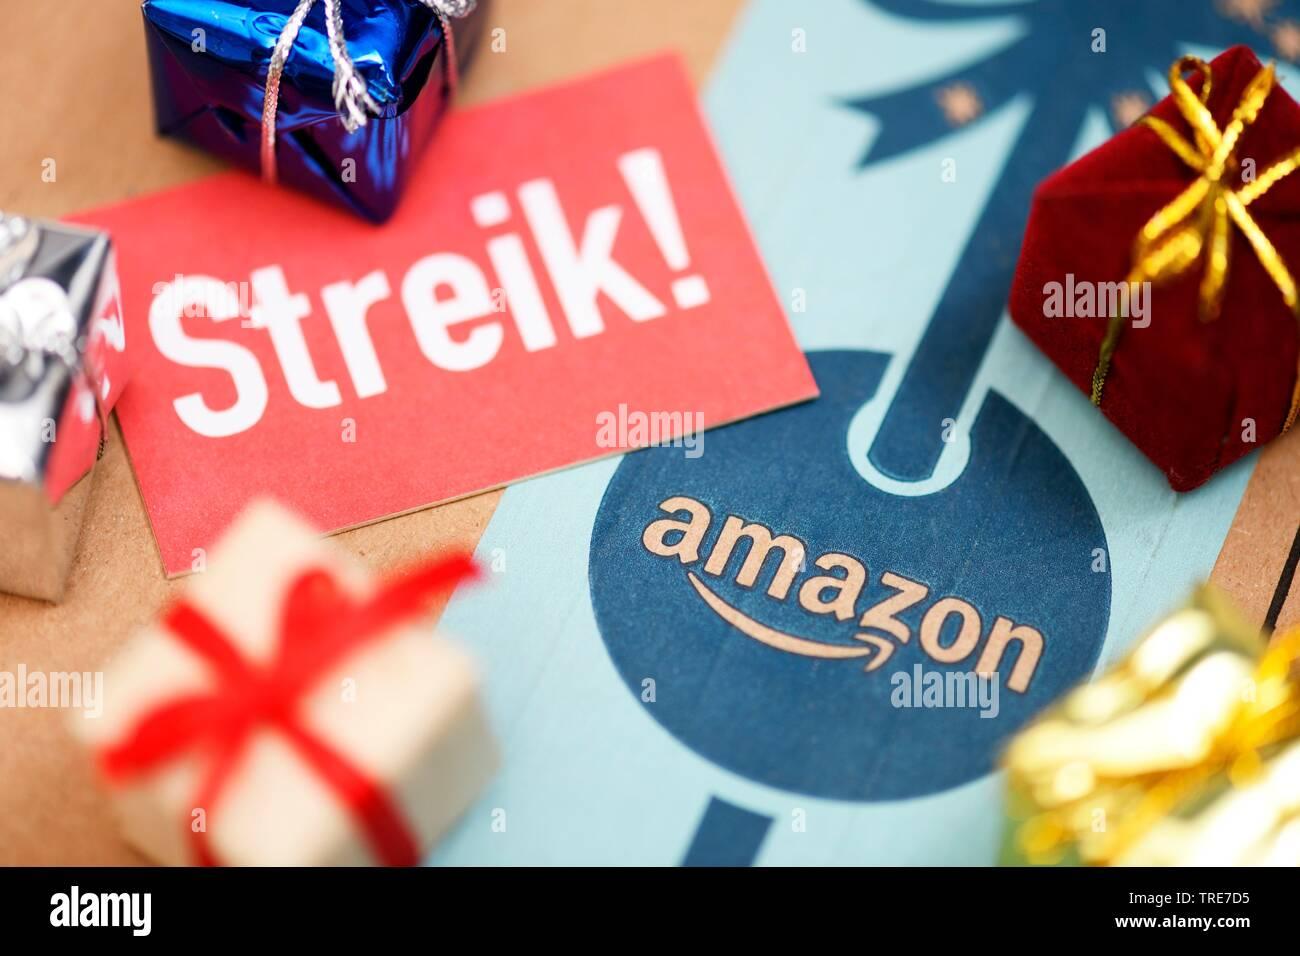 Streik-Schild und Weihnachtsgeschenke auf Amazon-Paket, Deutschland | walkout at amazon, Germany | BLWS519208.jpg [ (c) blickwinkel/McPHOTO/C. Ohde Te - Stock Image